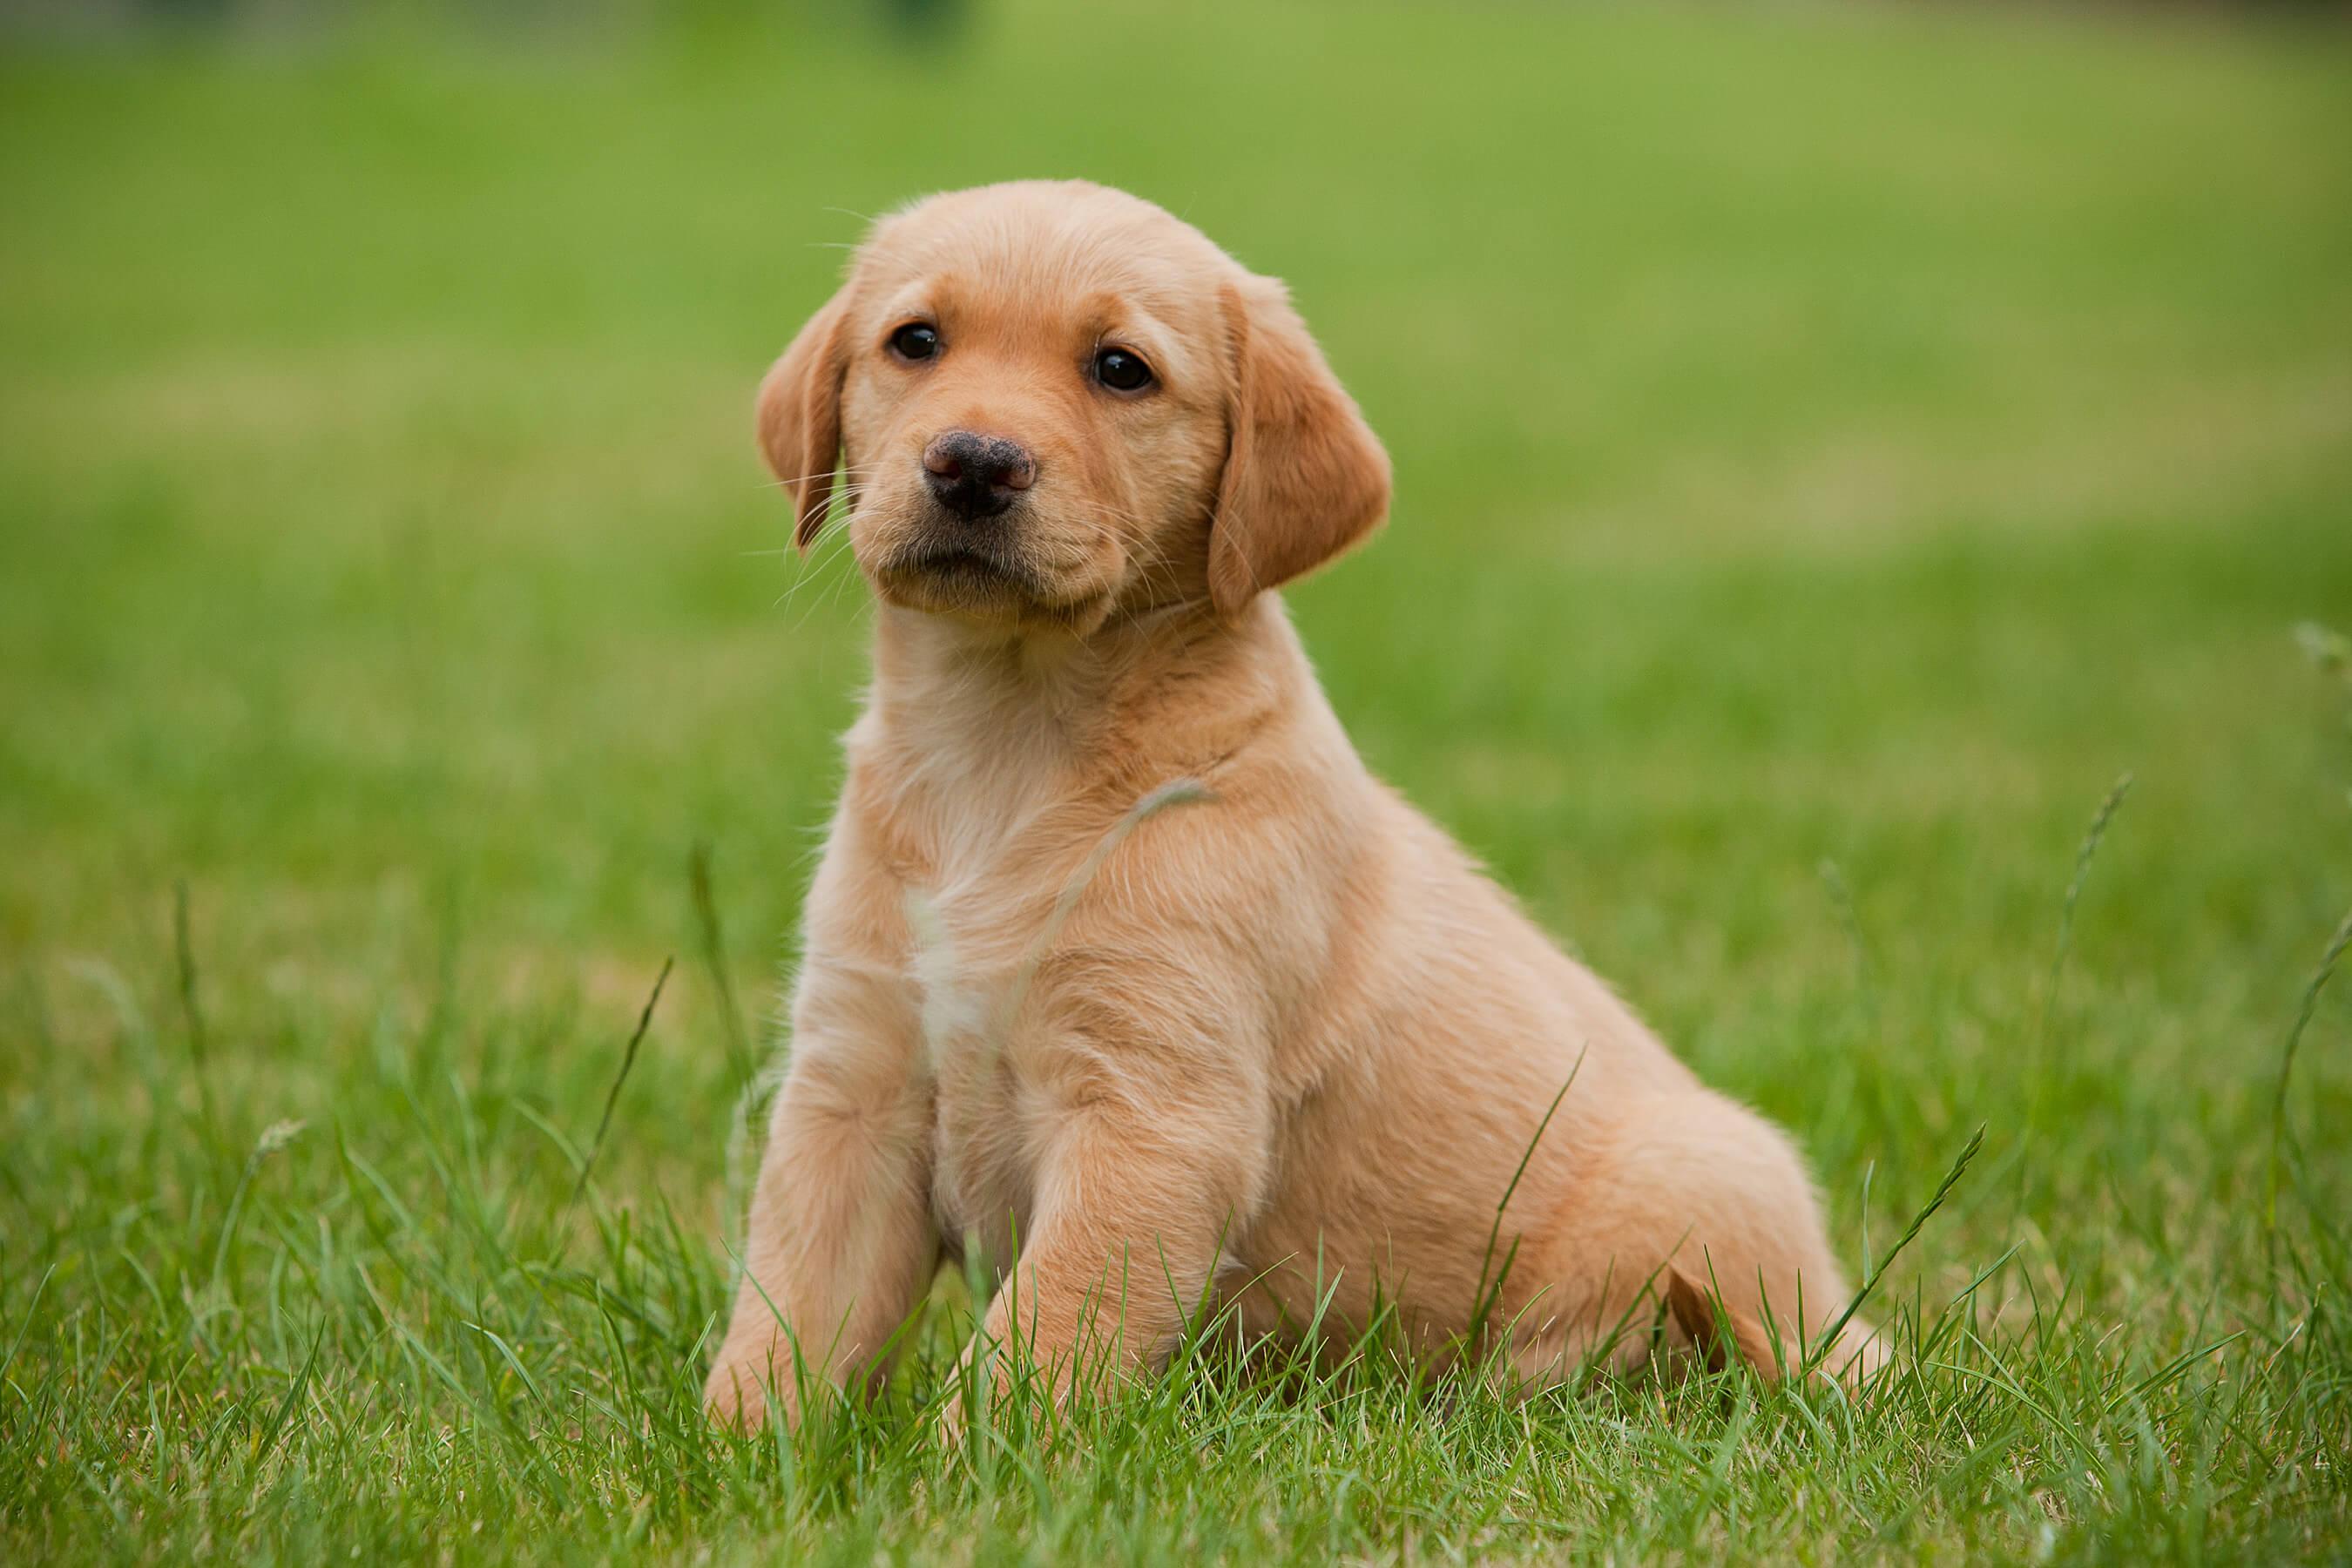 Prosocial behavior in dogs